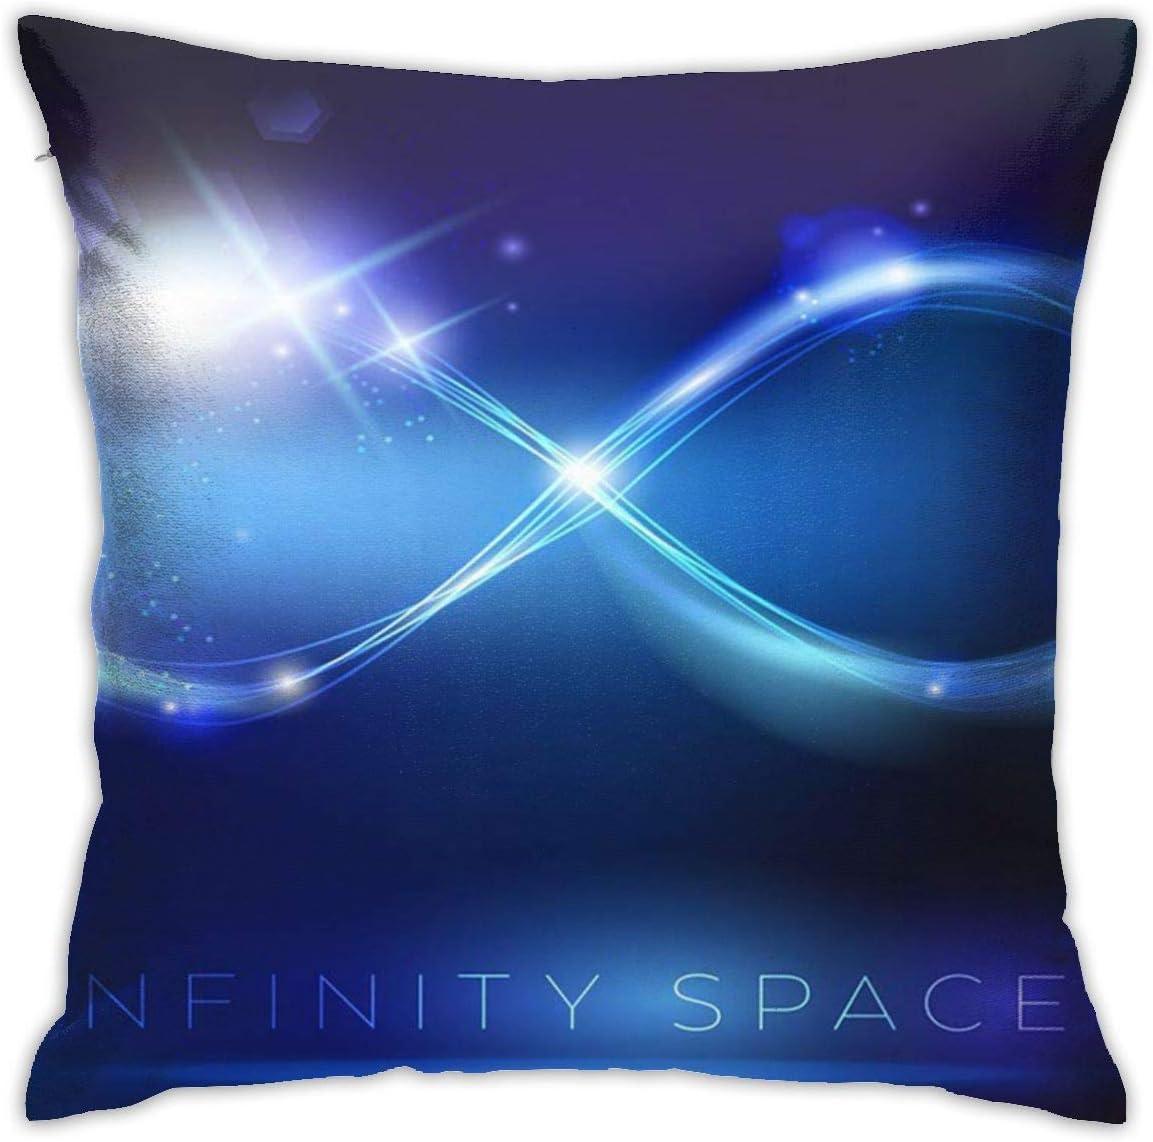 Zhgrong Fiction Glow Blue Light Infinity Symbol Energy Dark Fundas de Almohada estándar Fundas de Cojines de poliéster amigables para la Piel y el Cabello